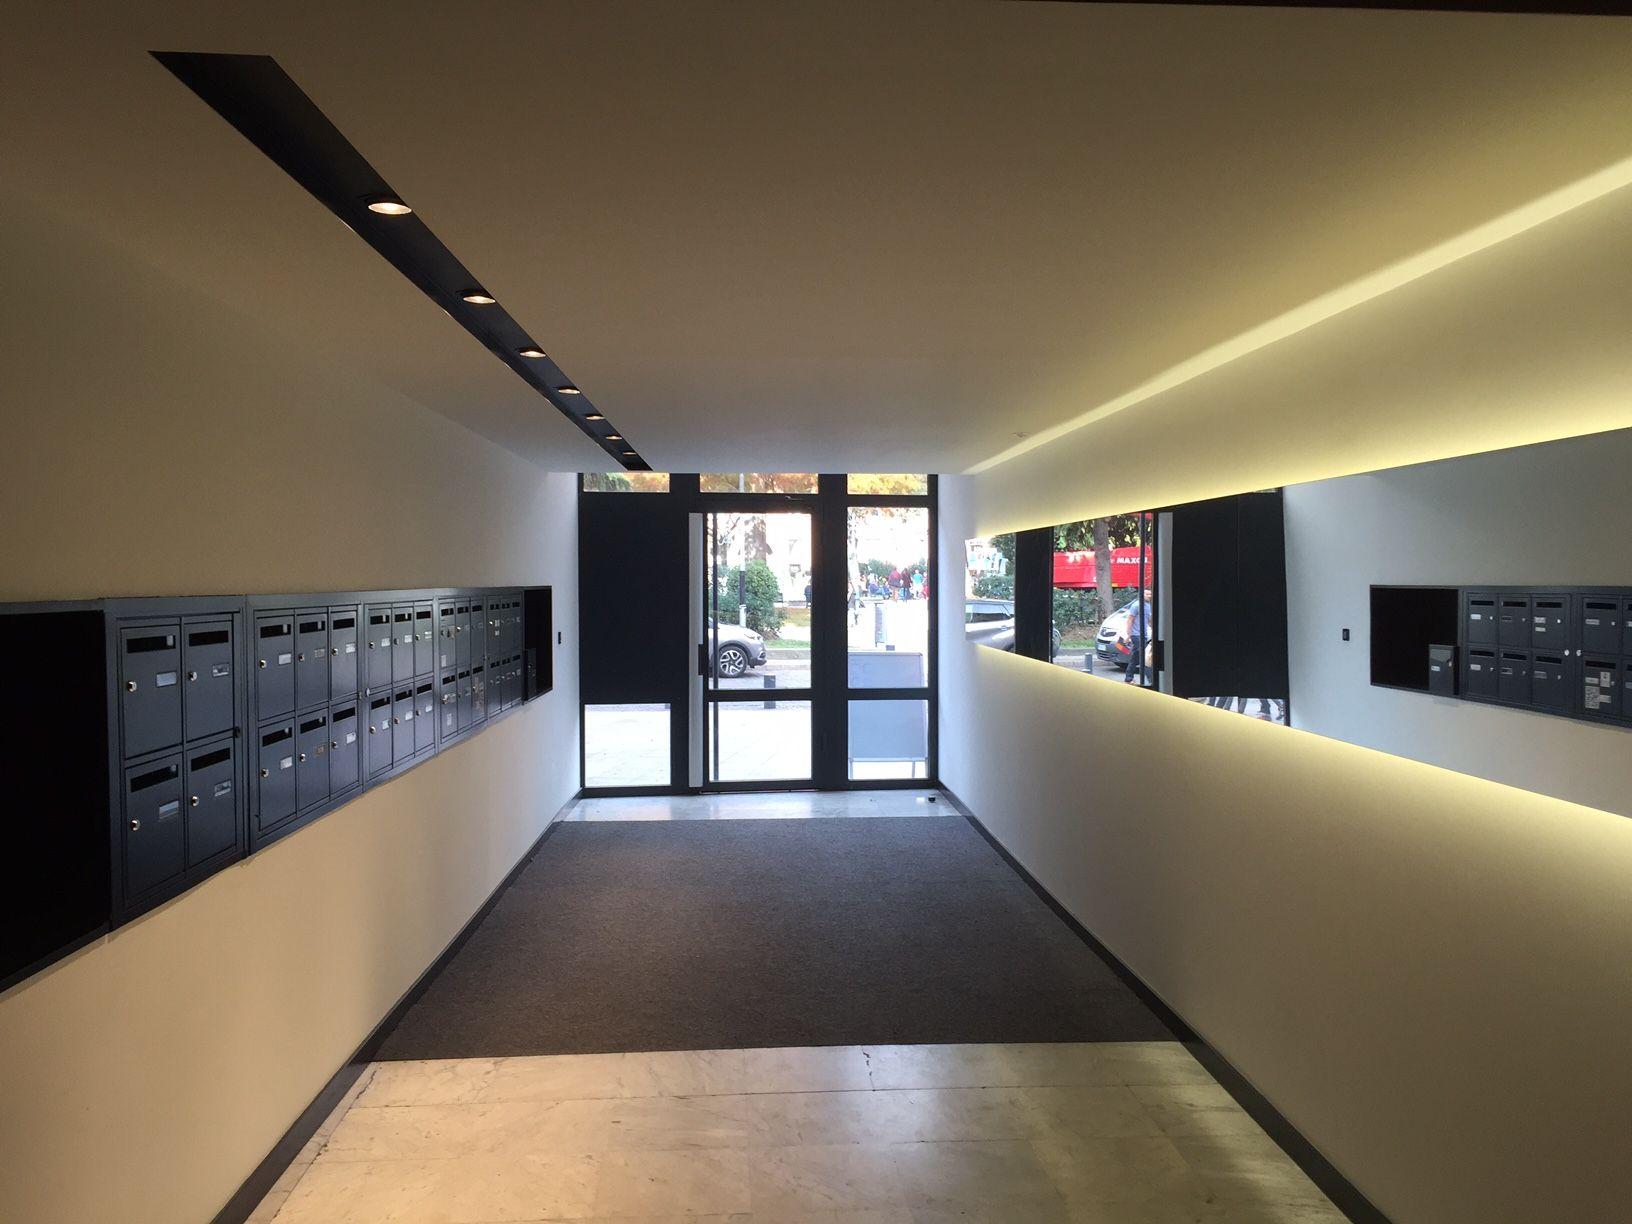 """r�sultat de recherche d'images pour """"hall d'entr�e immeuble"""